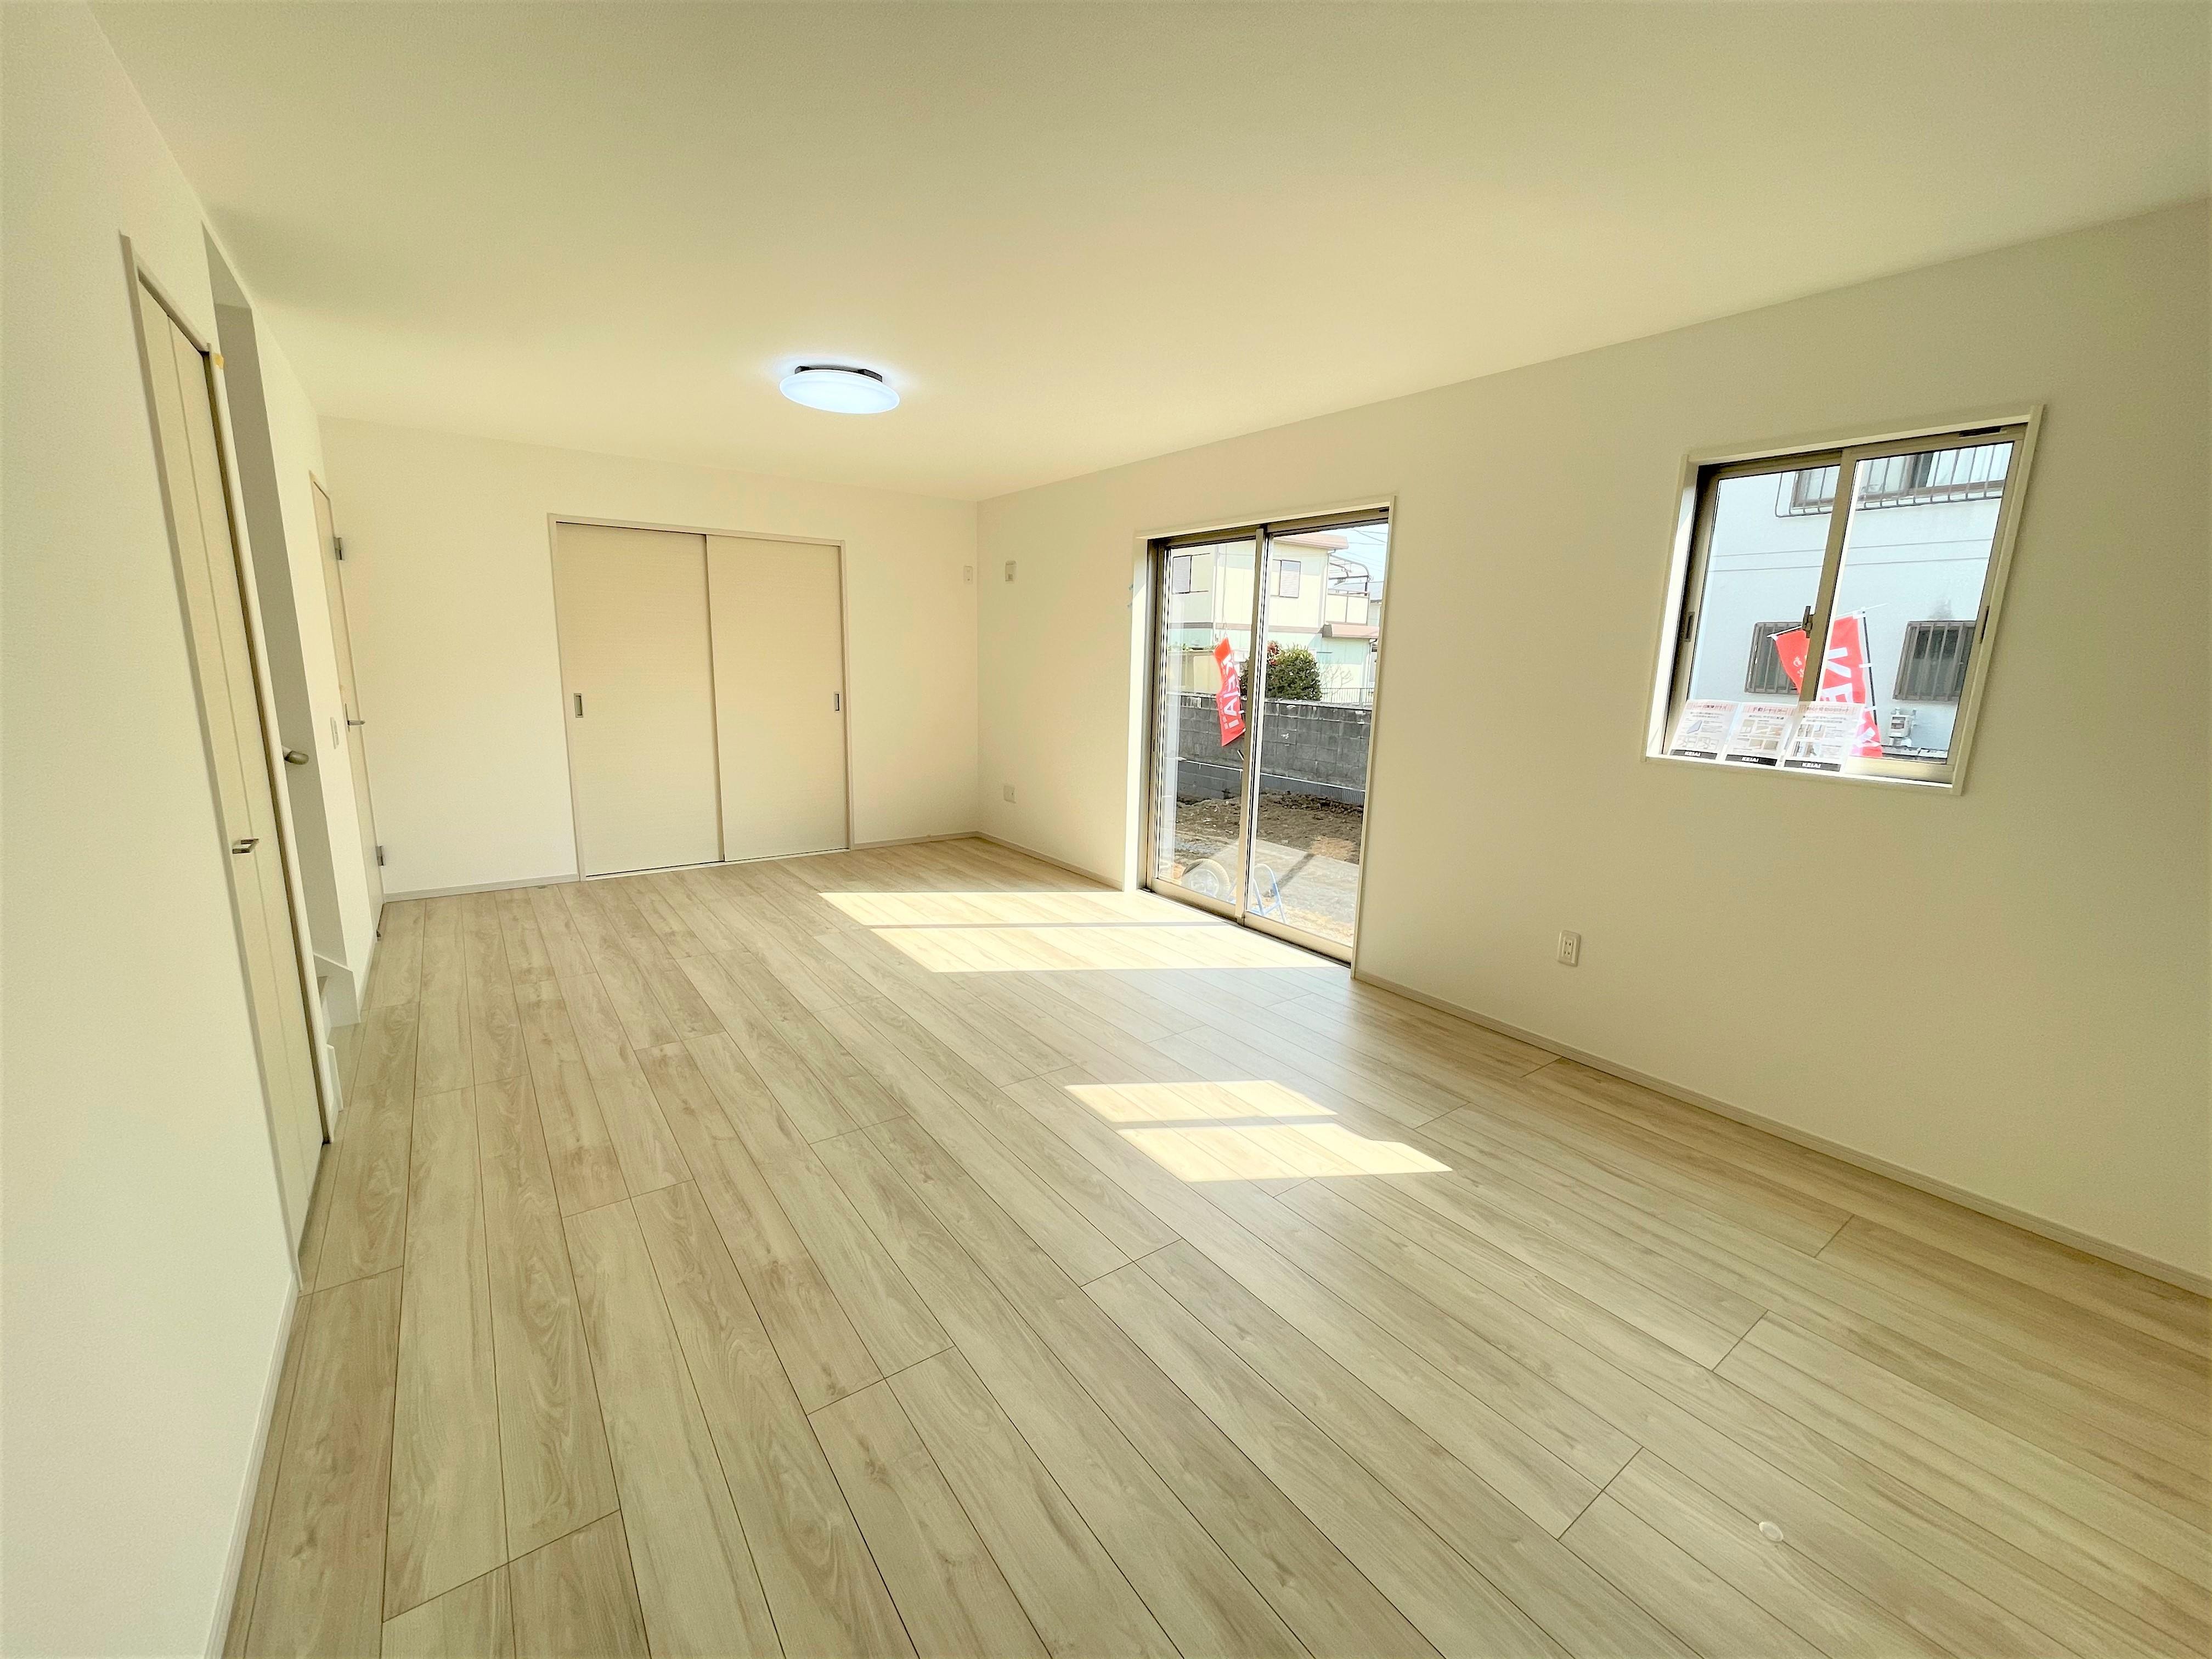 広々としているLDKはお隣の和室と合わせるとなお広くなり、様々シーンで大活躍。お隣の和室と合わせると24.5帖の大空間。和室と続き間のリビングです。襖を開ける事で、より開放的な空間となります。